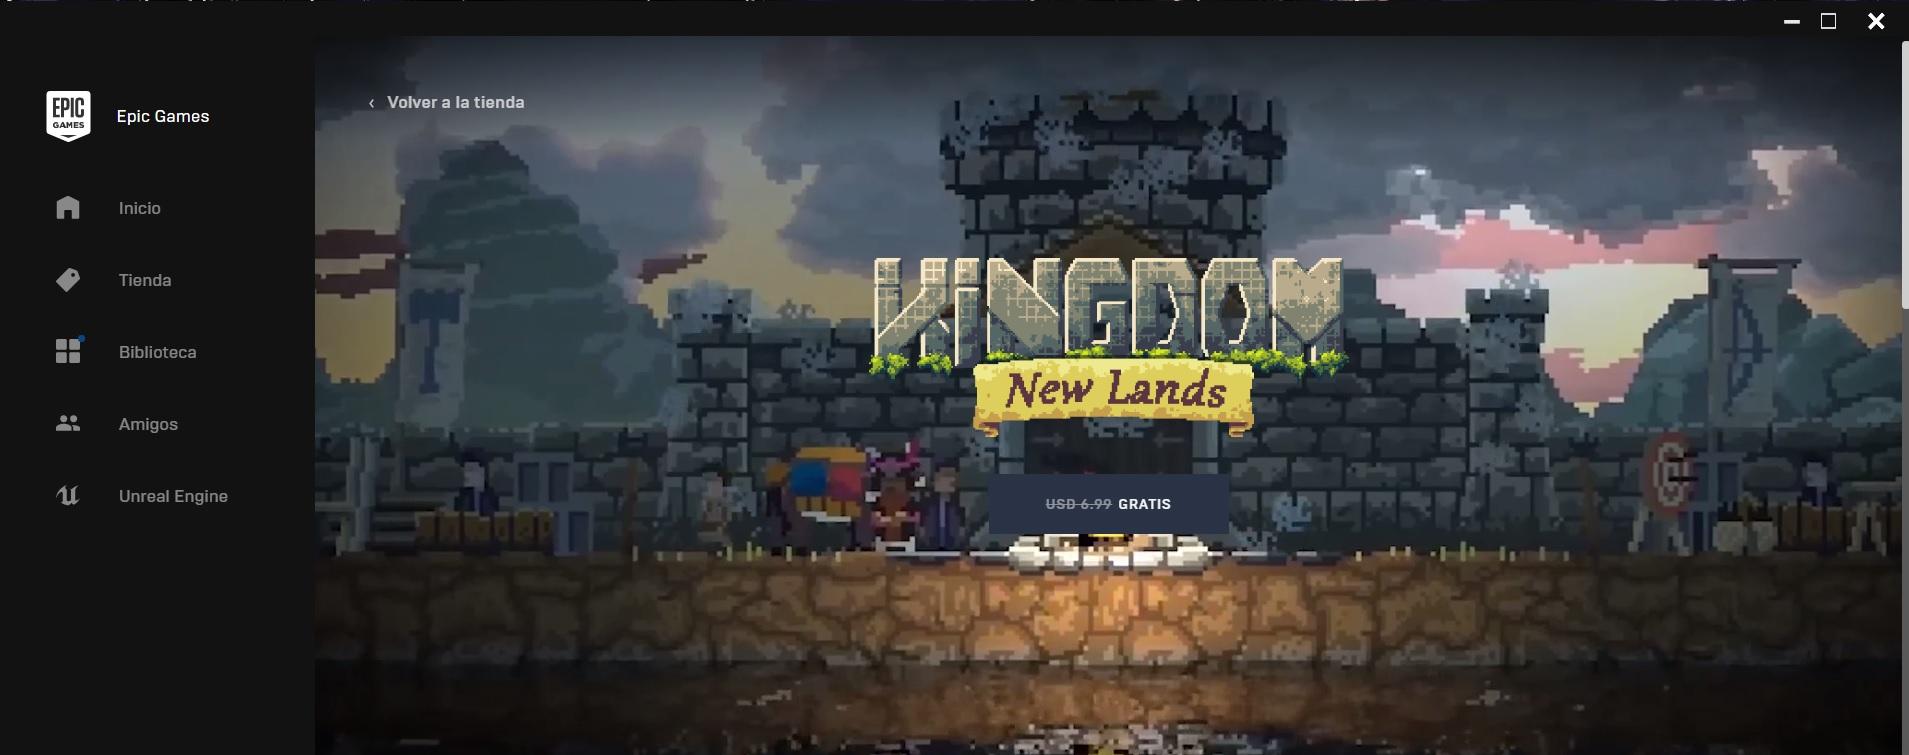 Kingond new lands